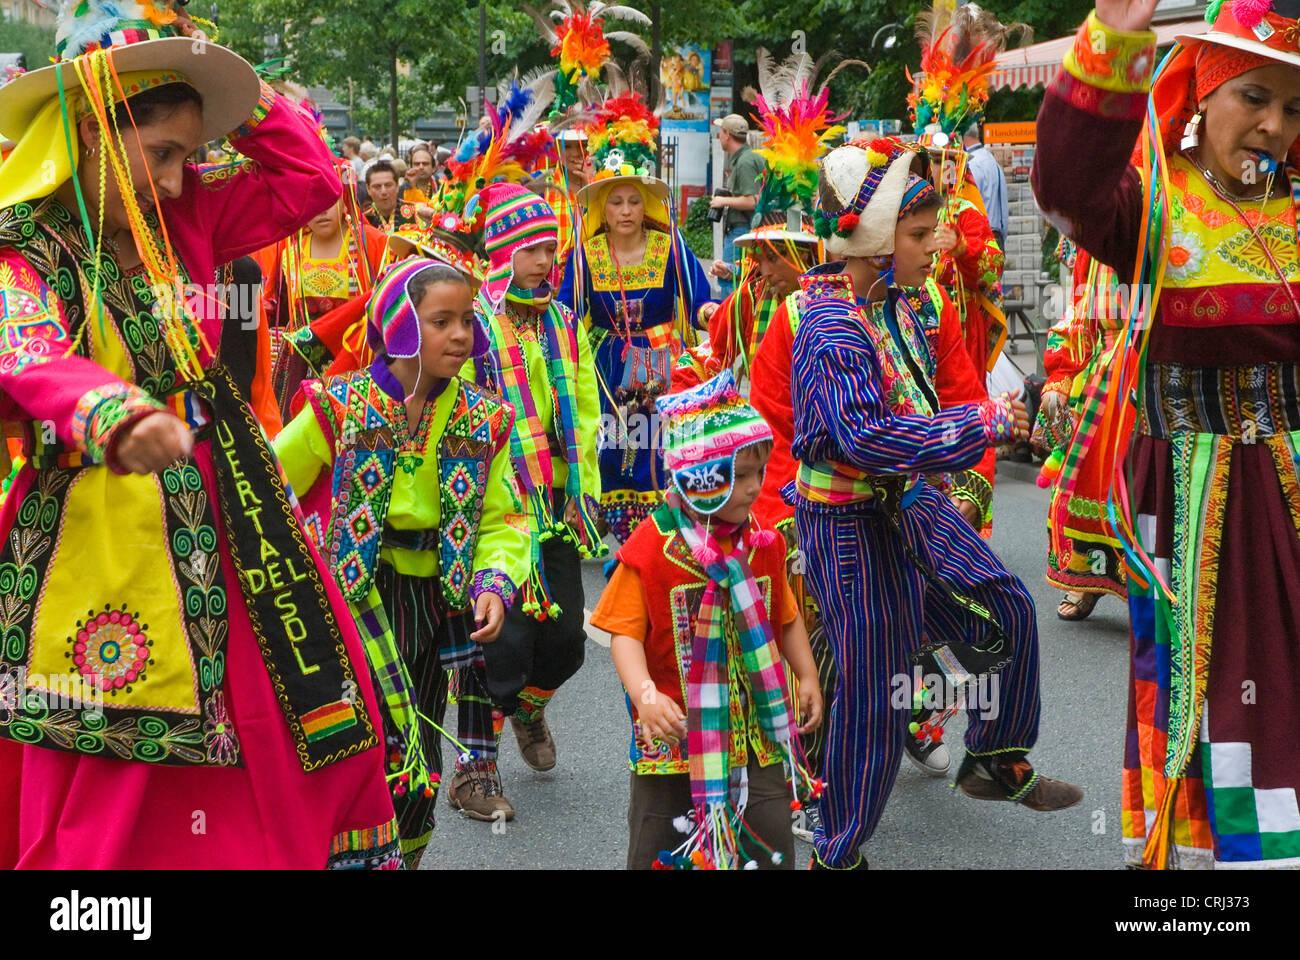 Desfile de las Culturas, Alemania, Hesse, Frankfurt am Main Imagen De Stock